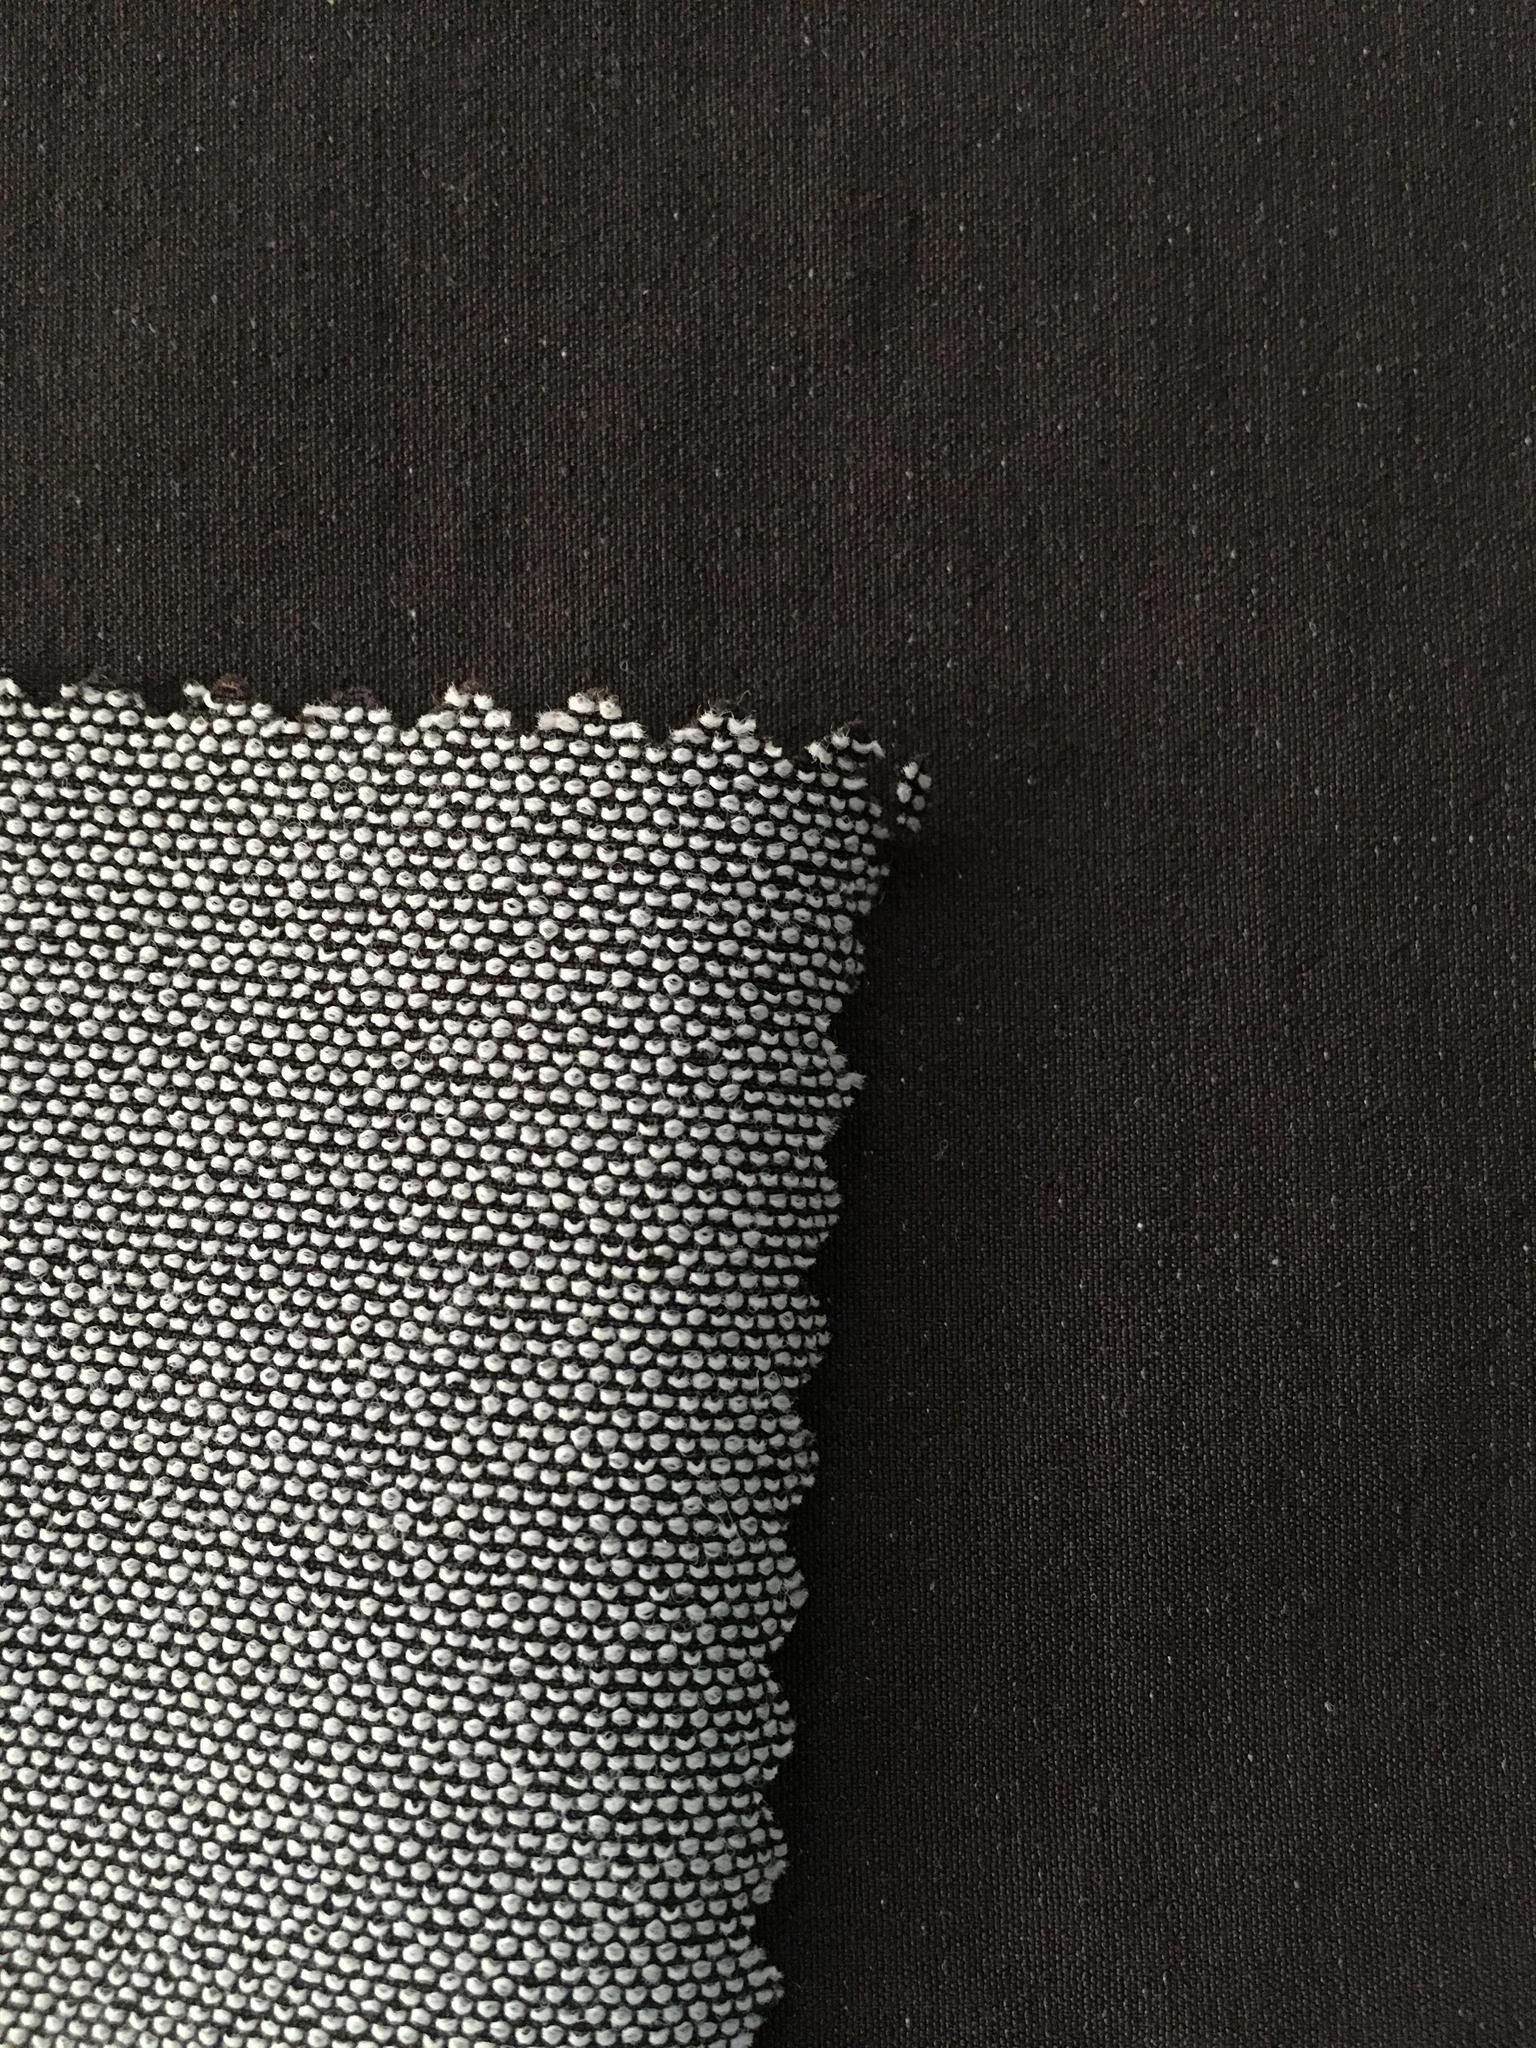 滌氨針織彈力織物 2